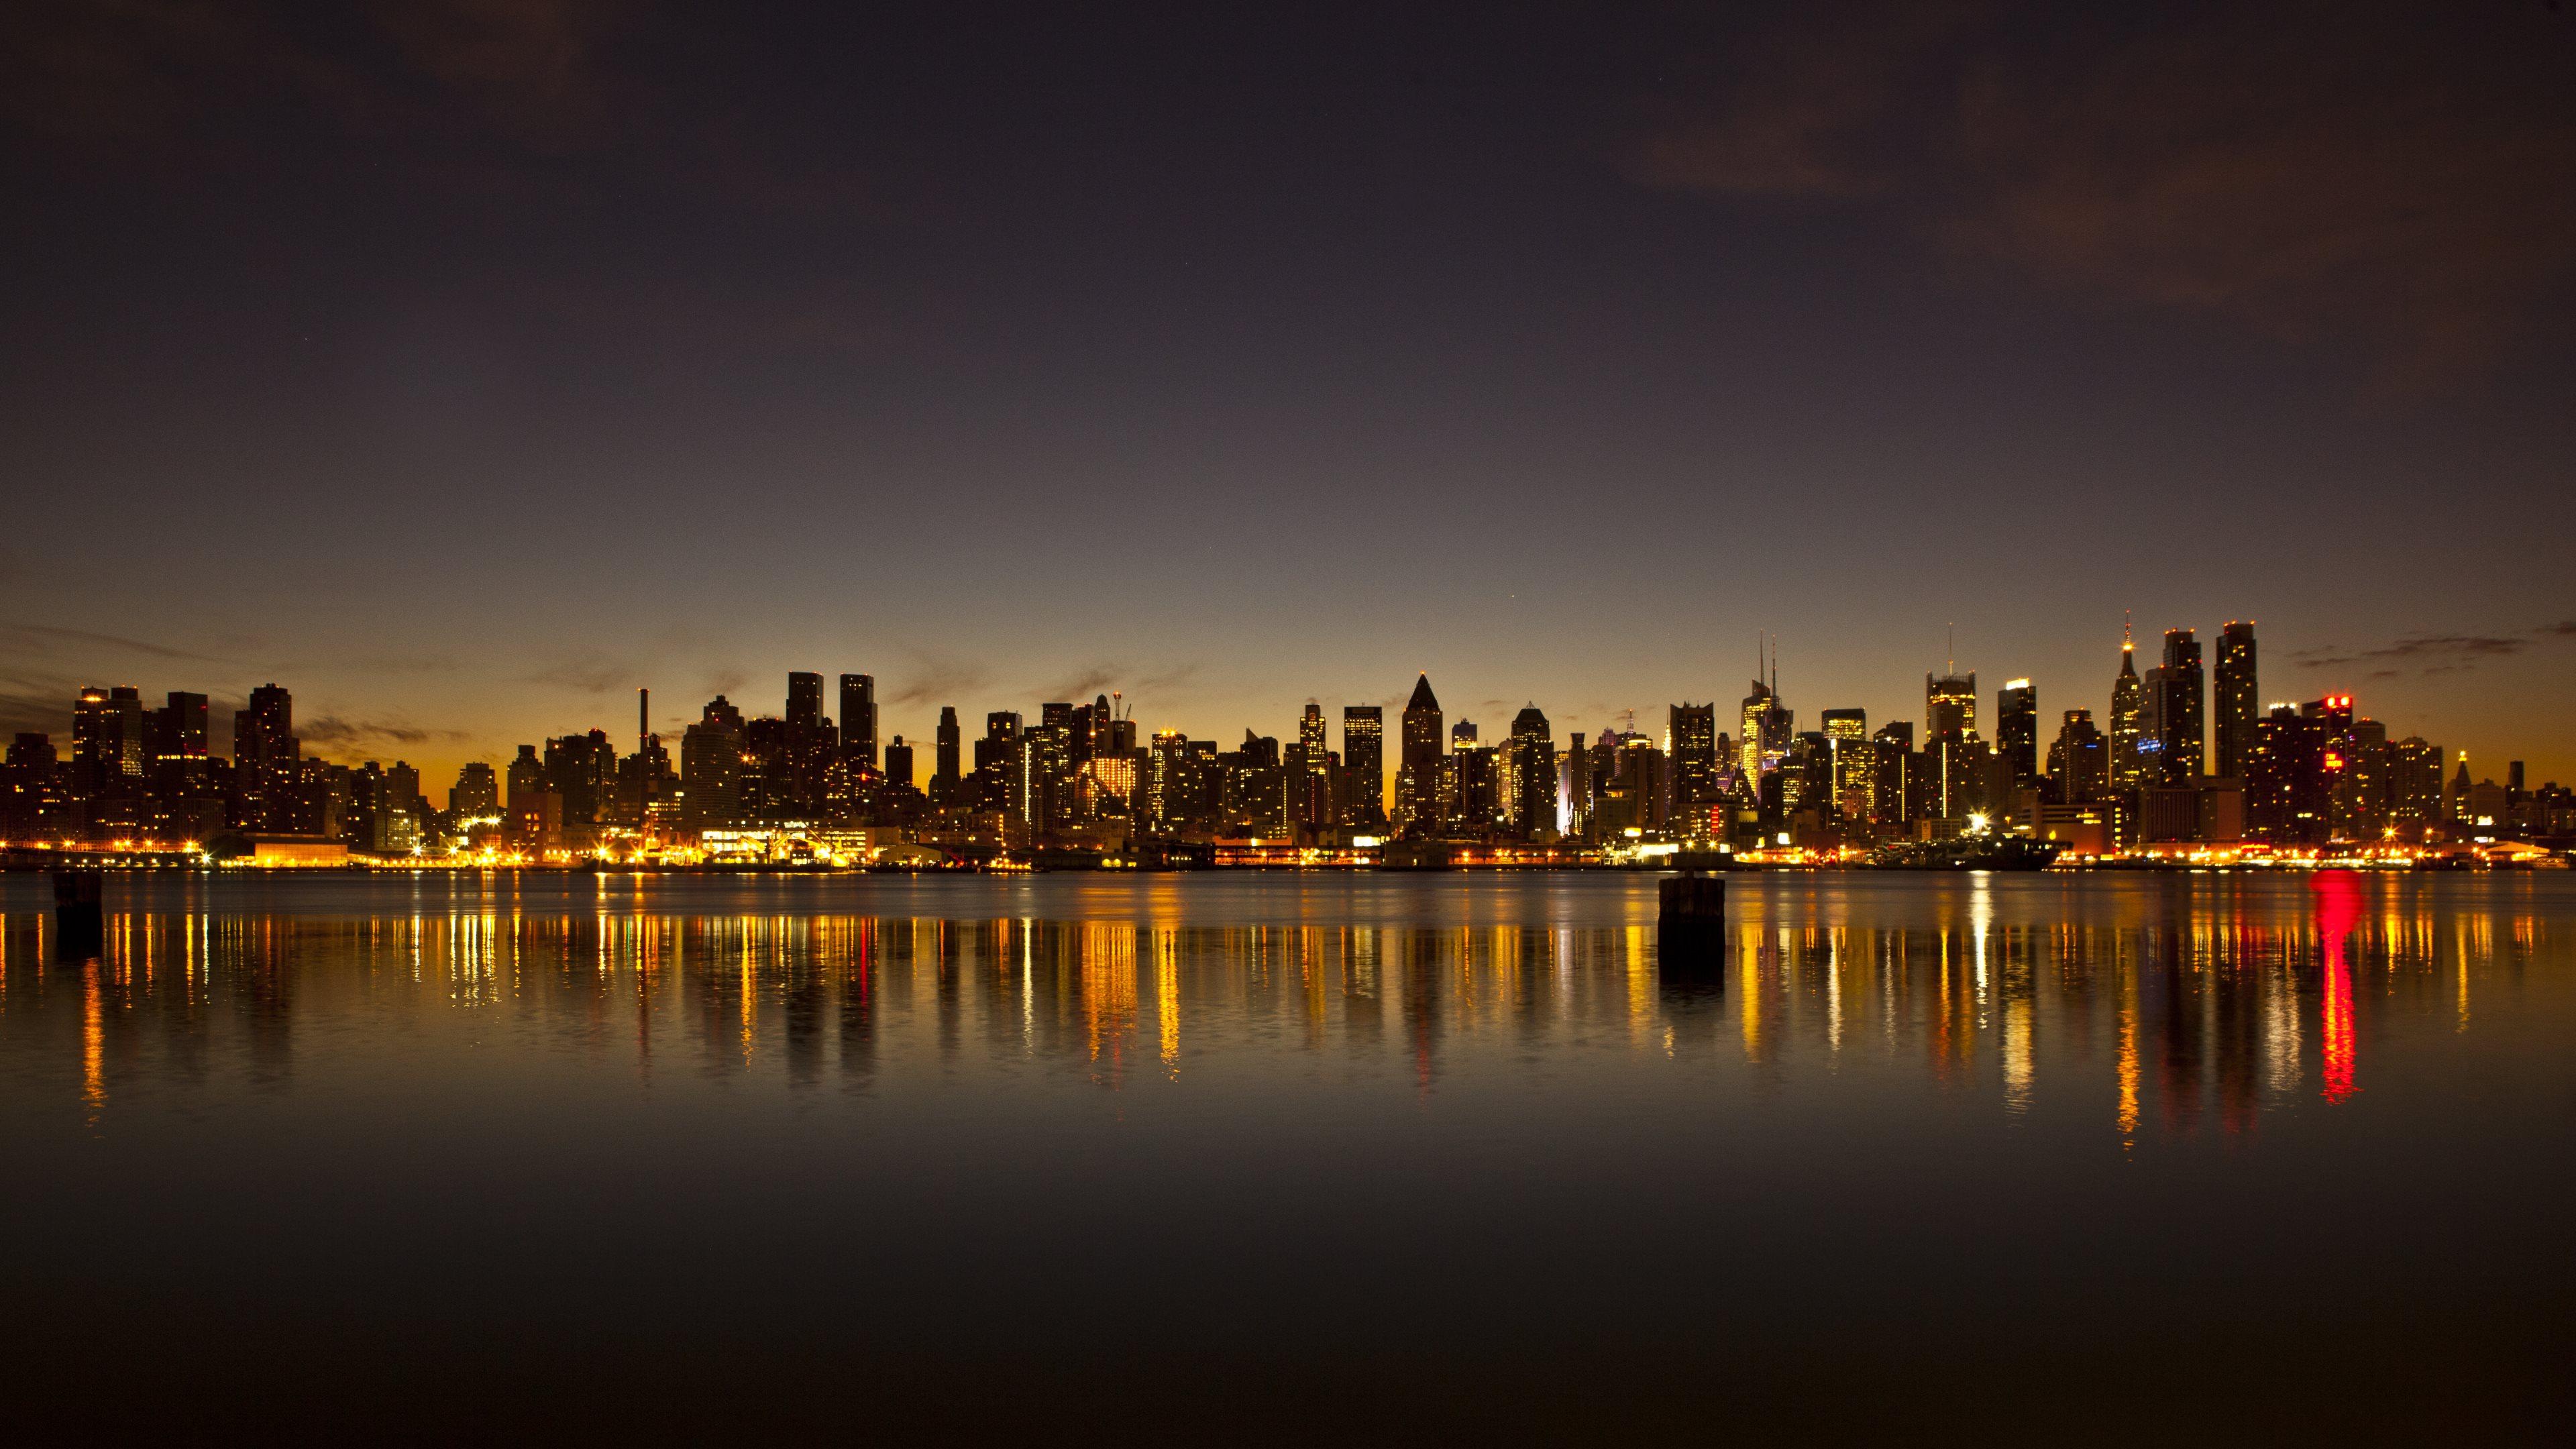 New York Skyline At Sunset HD desktop wallpaper Widescreen